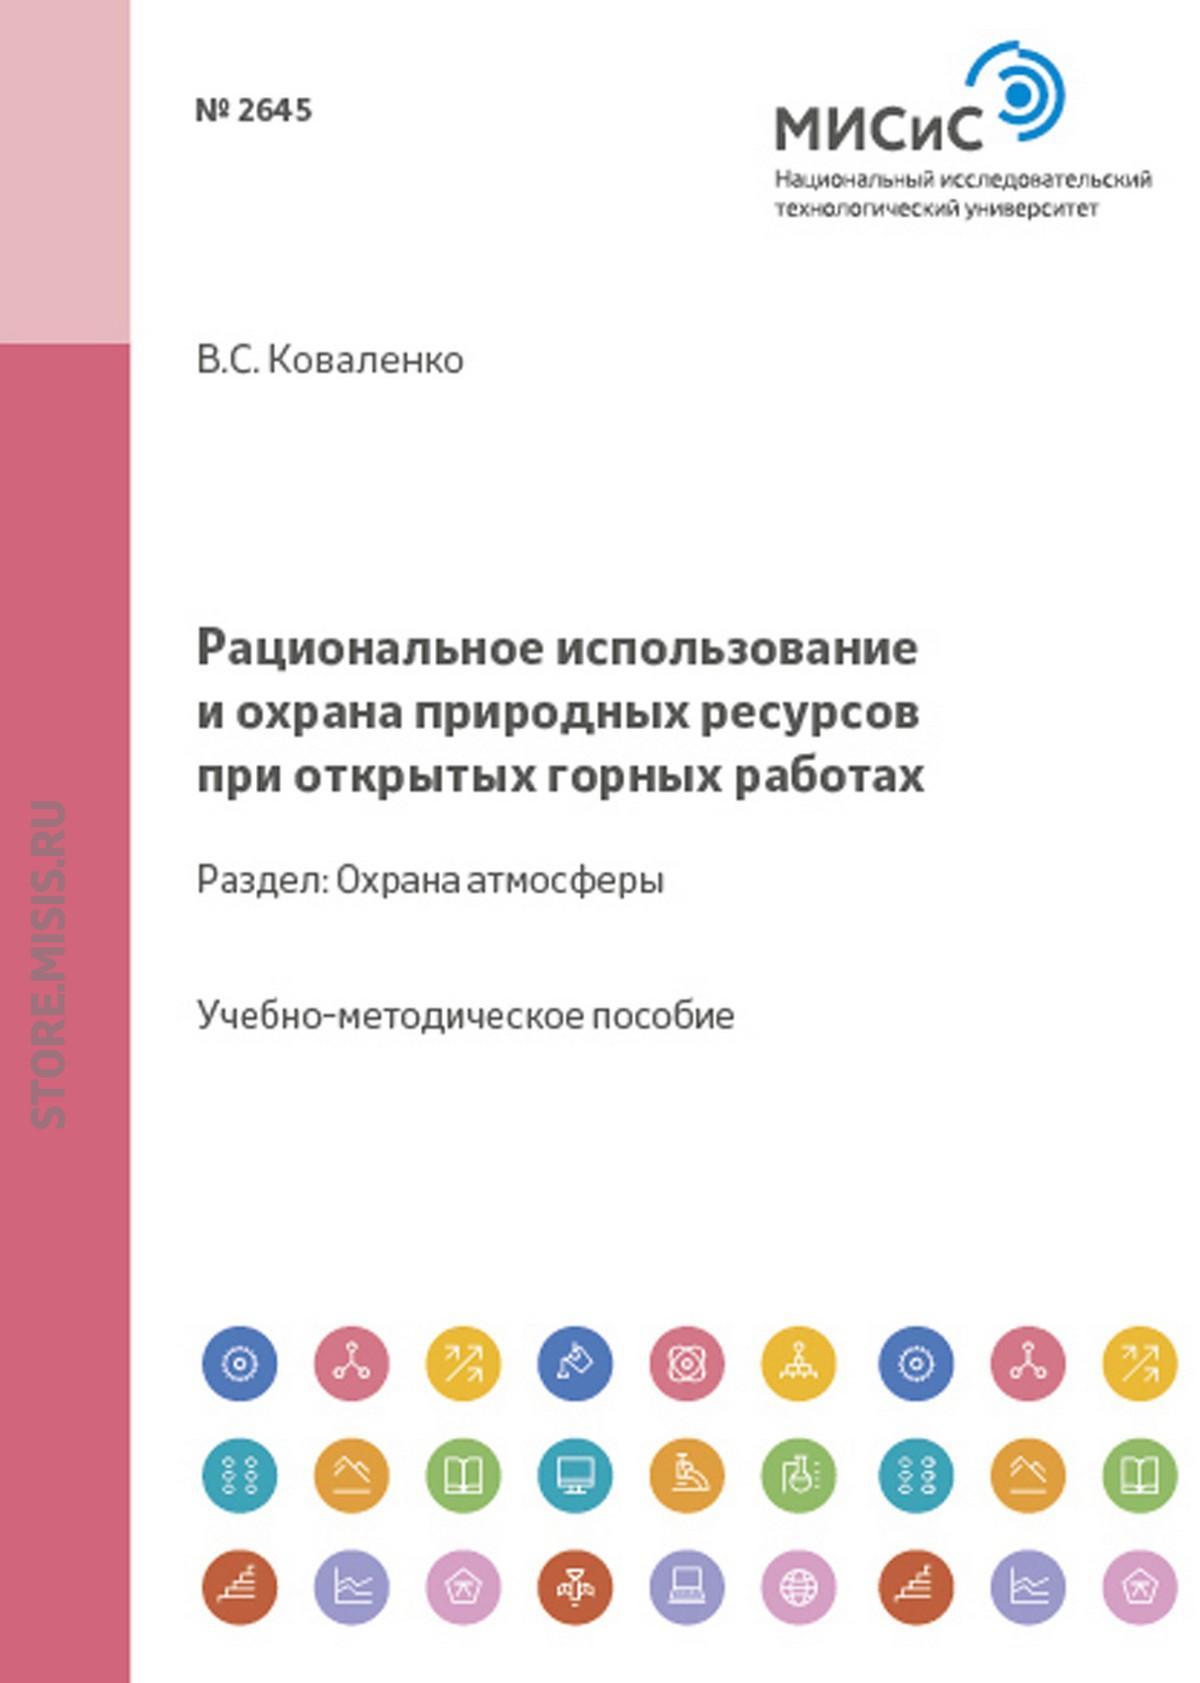 Владимир Коваленко Рациональное использование и охрана природных ресурсов при открытых горных работах. Охрана атмосферы с шемякин ведение открытых горных работ на основе совершенствования выемки пород